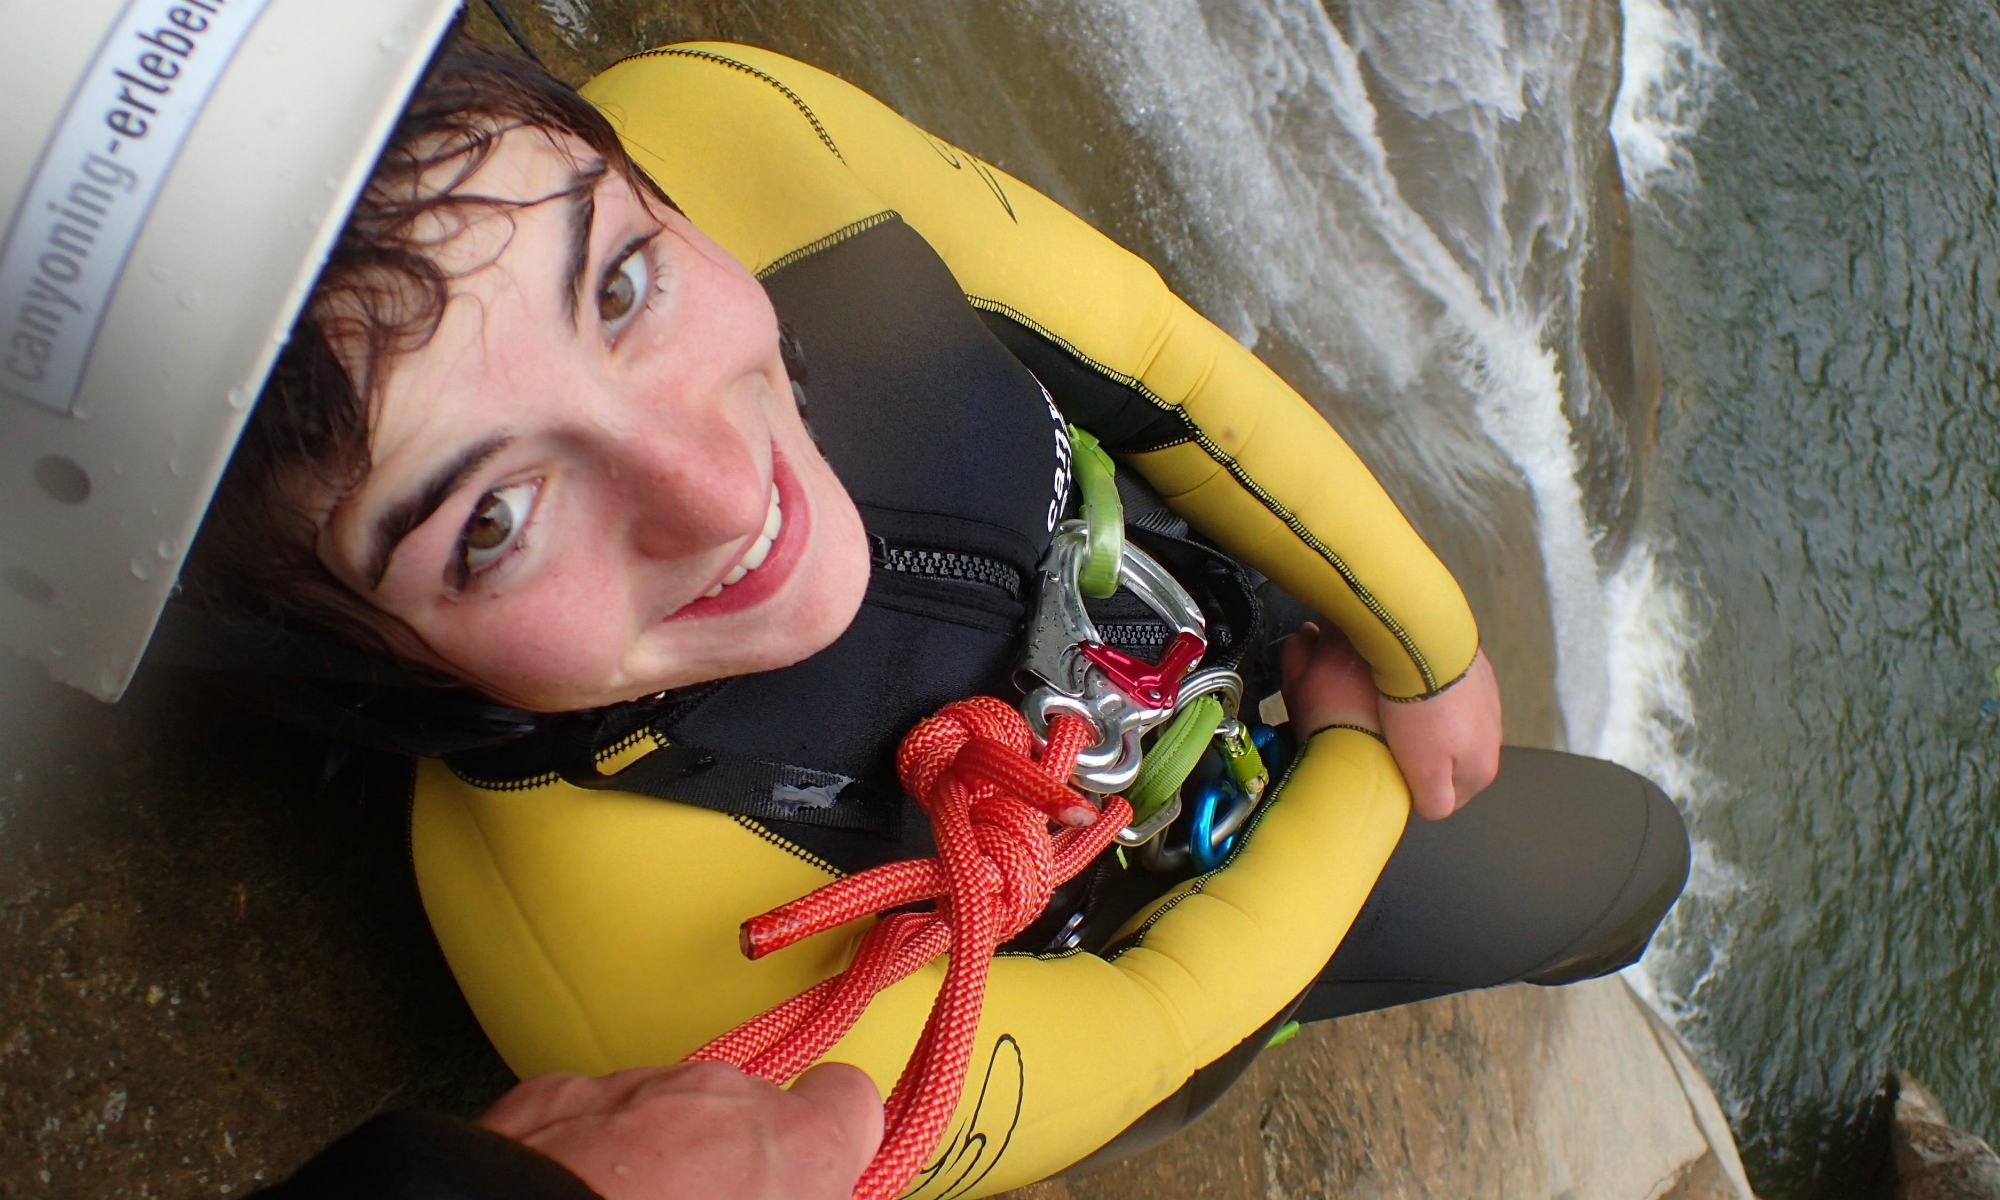 Eine junge Frau hängt beim Canyoning im Allgäu in einer Felswand über einem Wasserbecken und wird nur noch von einer Hand gehalten.